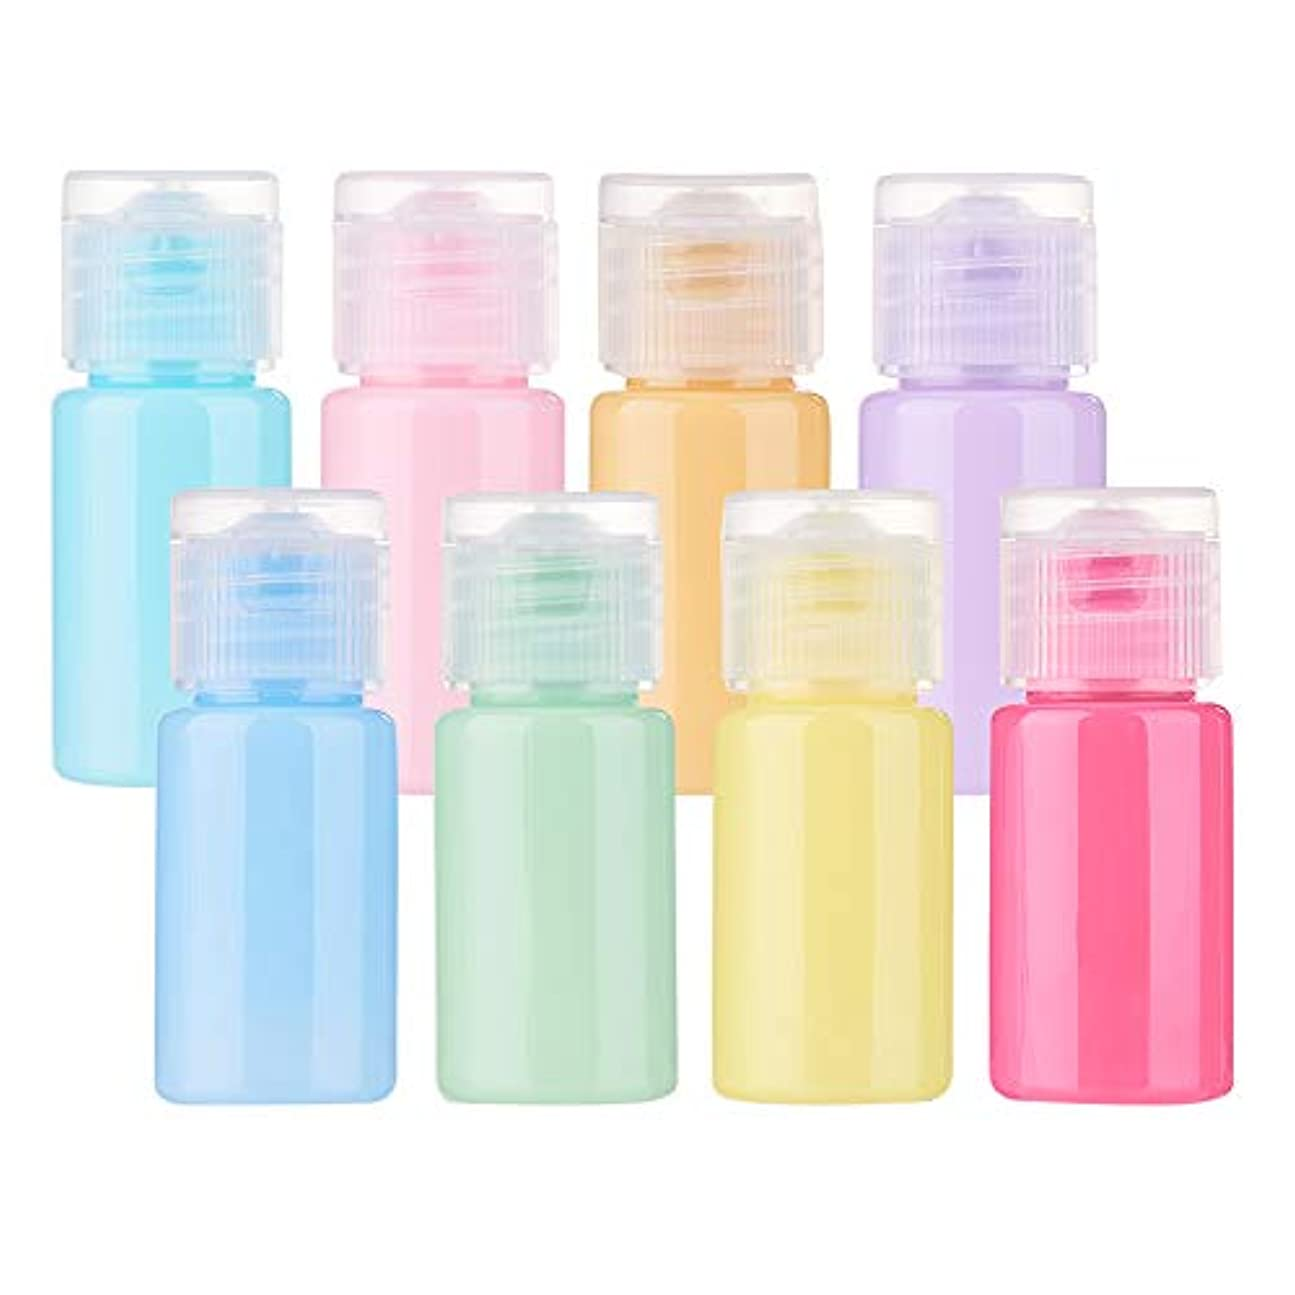 既婚道徳教育消費者BENECREAT 24個セット10mlマカロン色ボトル カラフルボトル プラスチック製 フリップキャップ クリーム 化粧品小分け 旅行 詰め替え容器